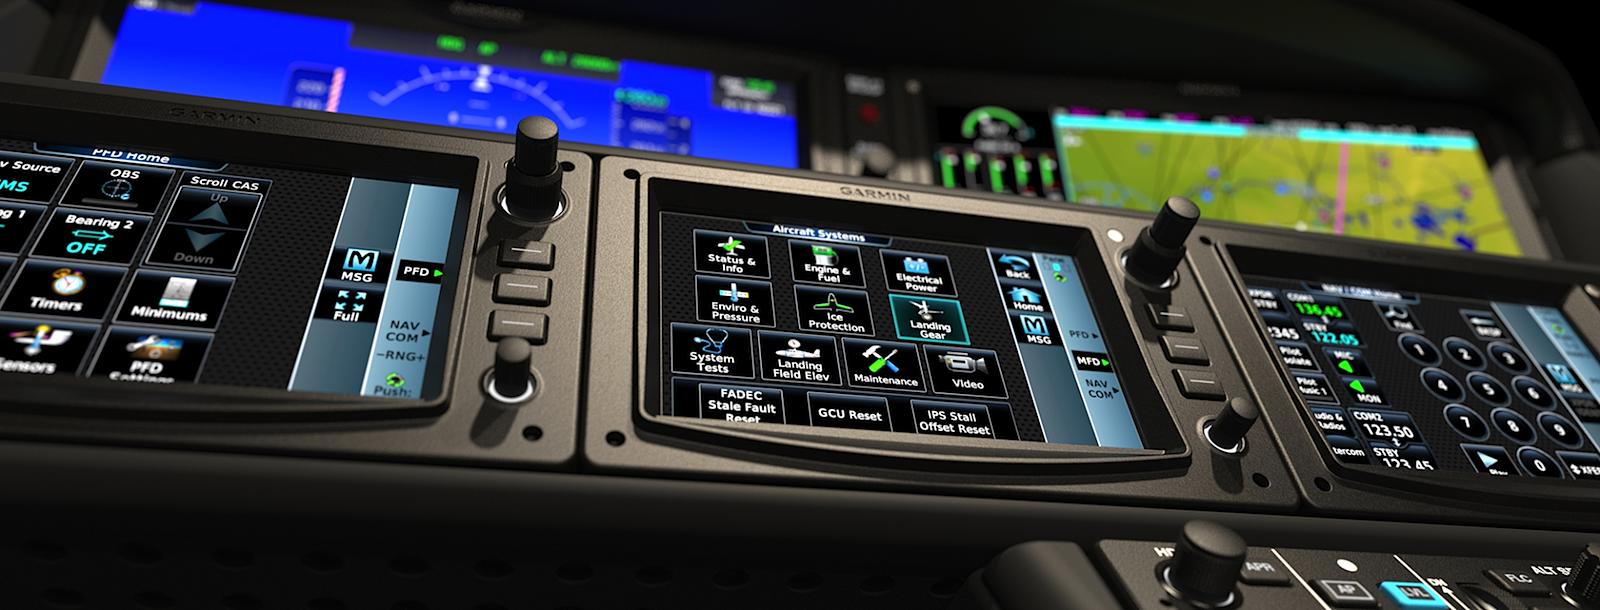 Das Cockpit im Vision Jet.